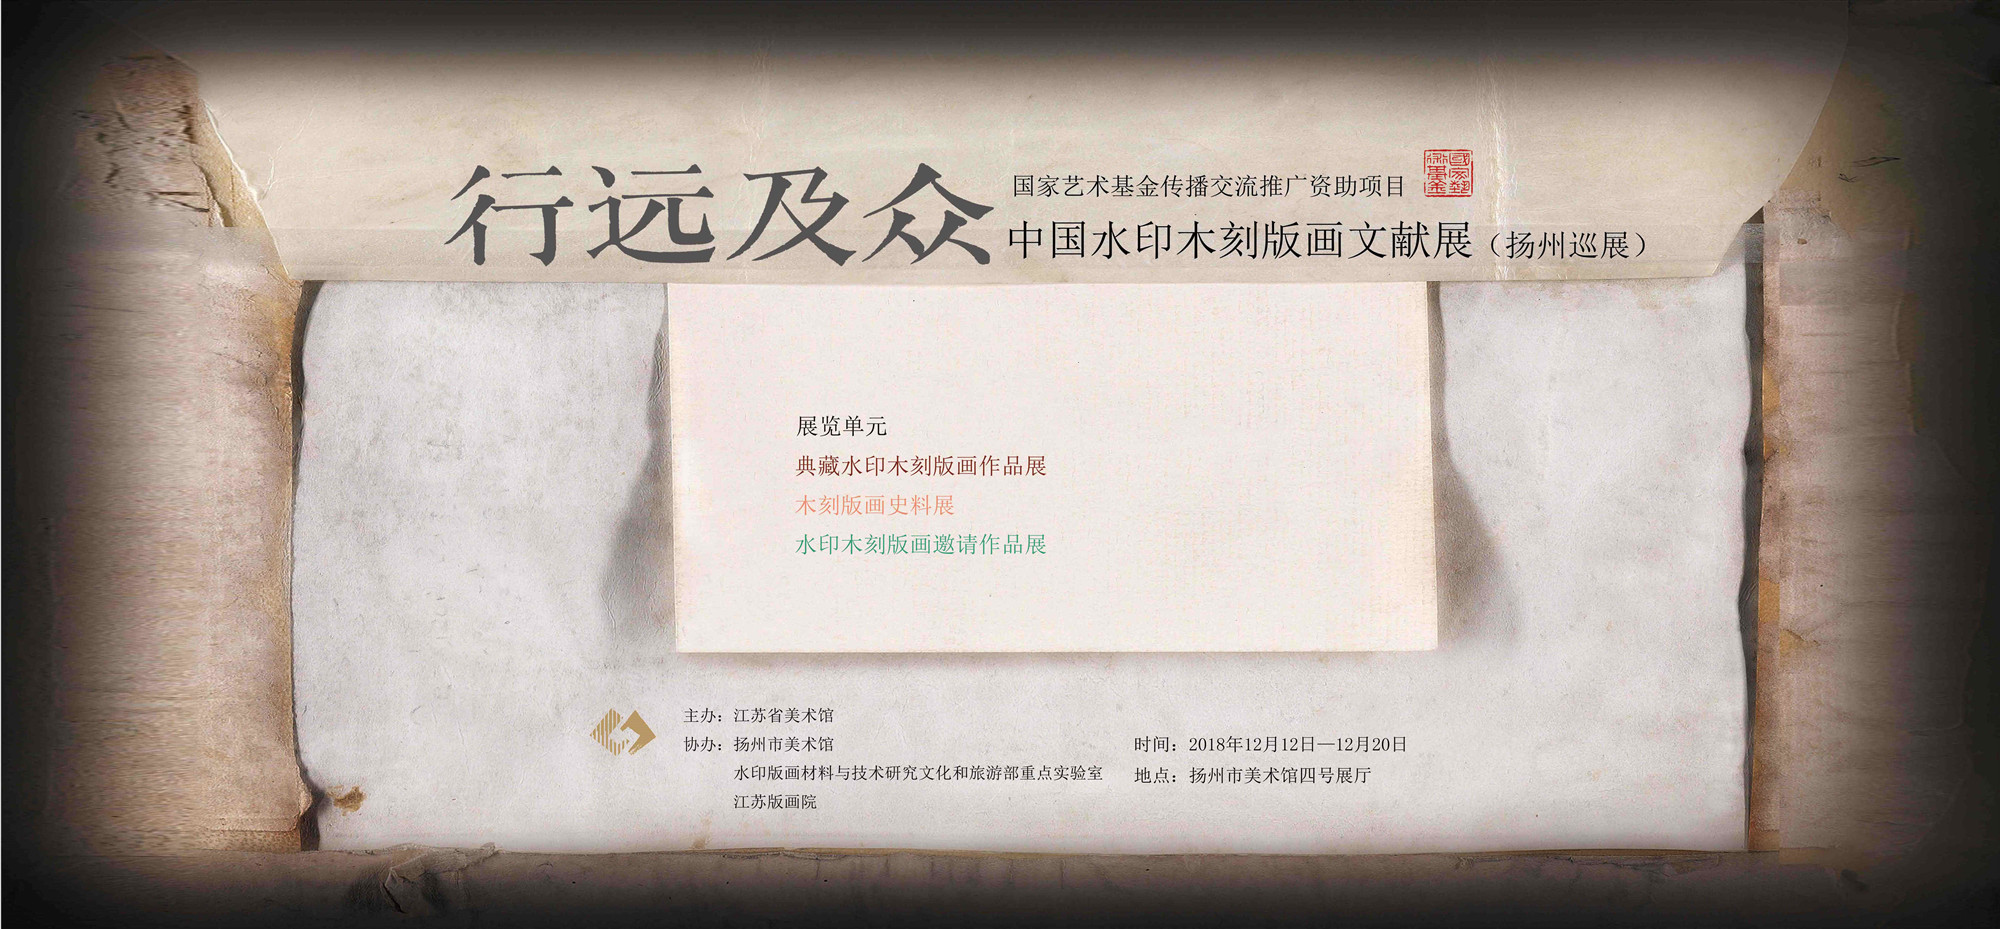 展讯:行远及众——中国水印木刻版画文献展(扬州巡展)